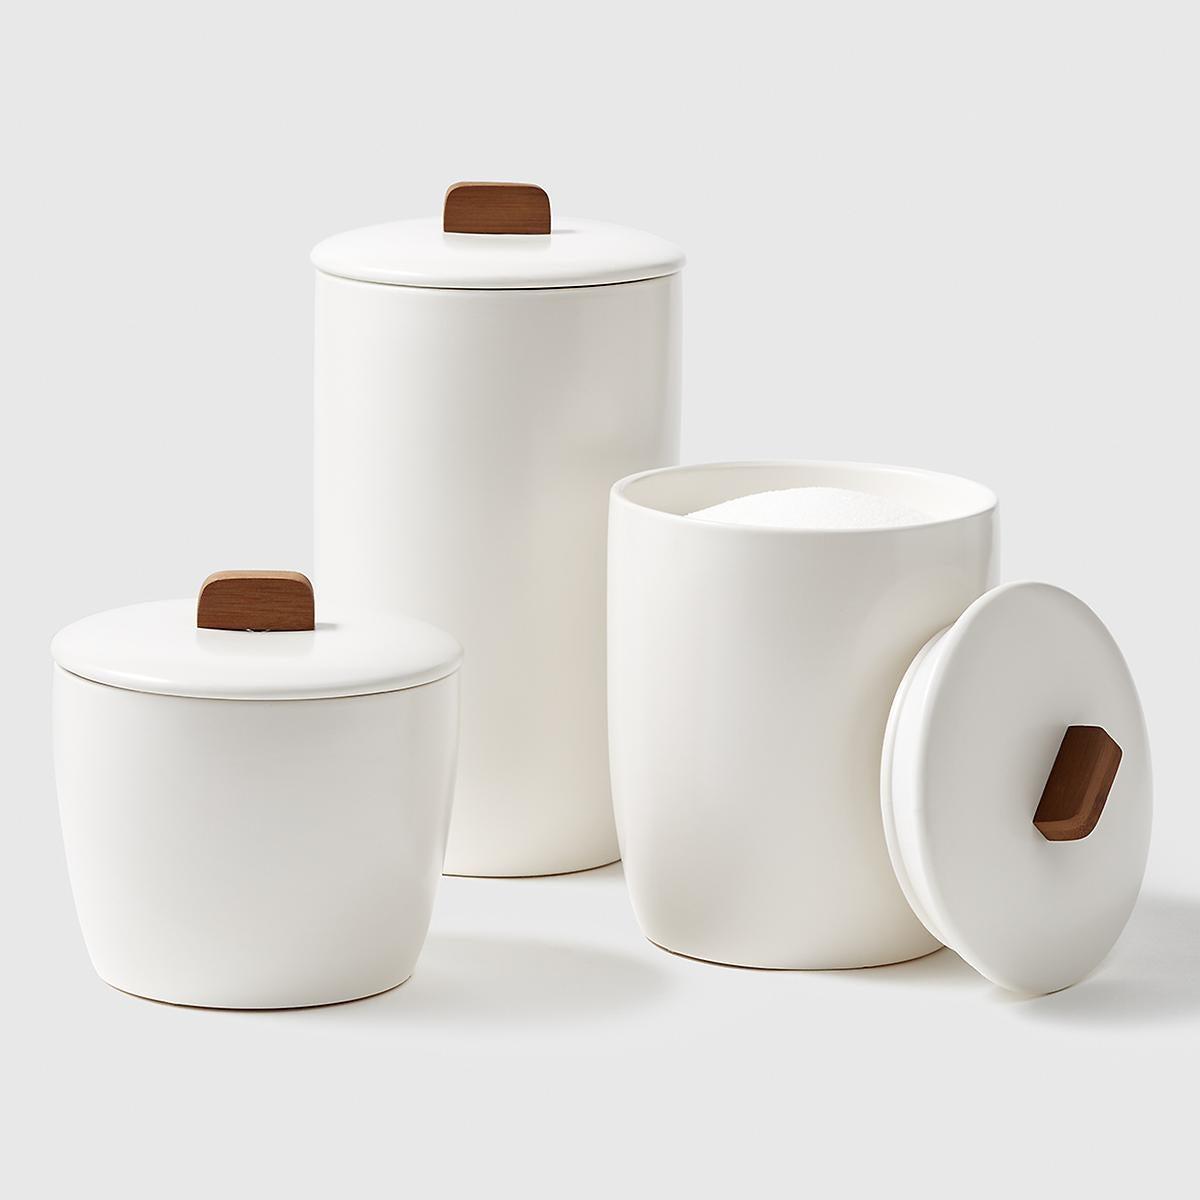 10082802g-ceramic-bulk-canister-clou